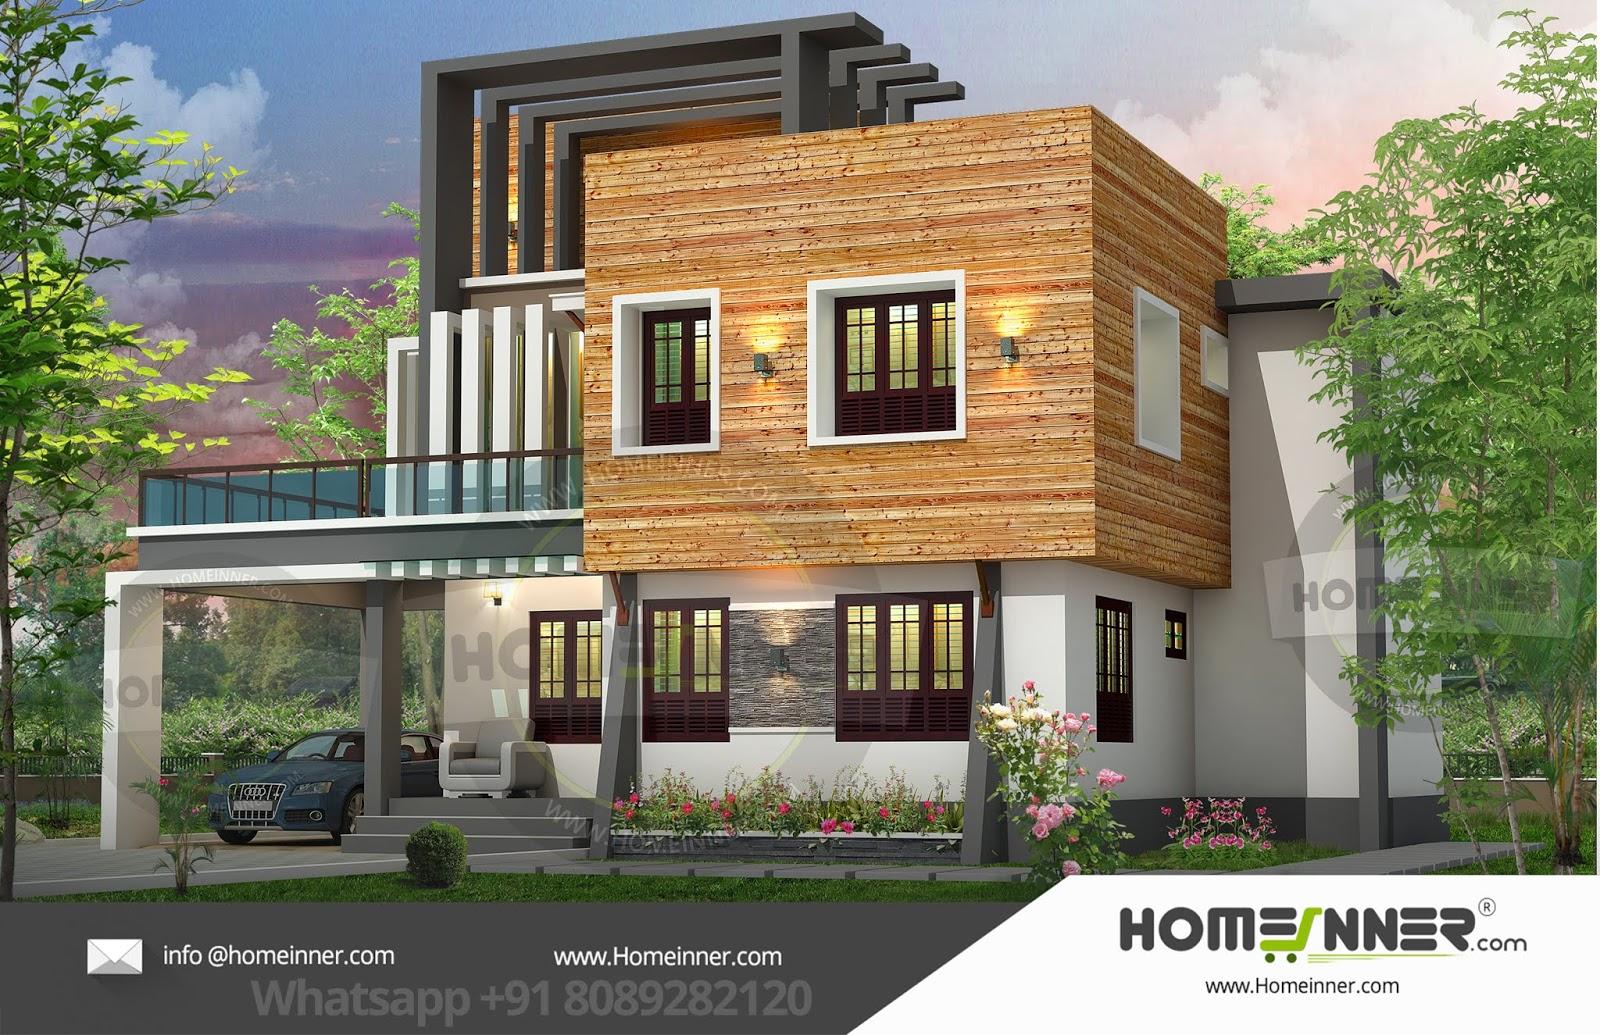 26 Lakh 3 BHK 1840 sq ft Srinagar Villa